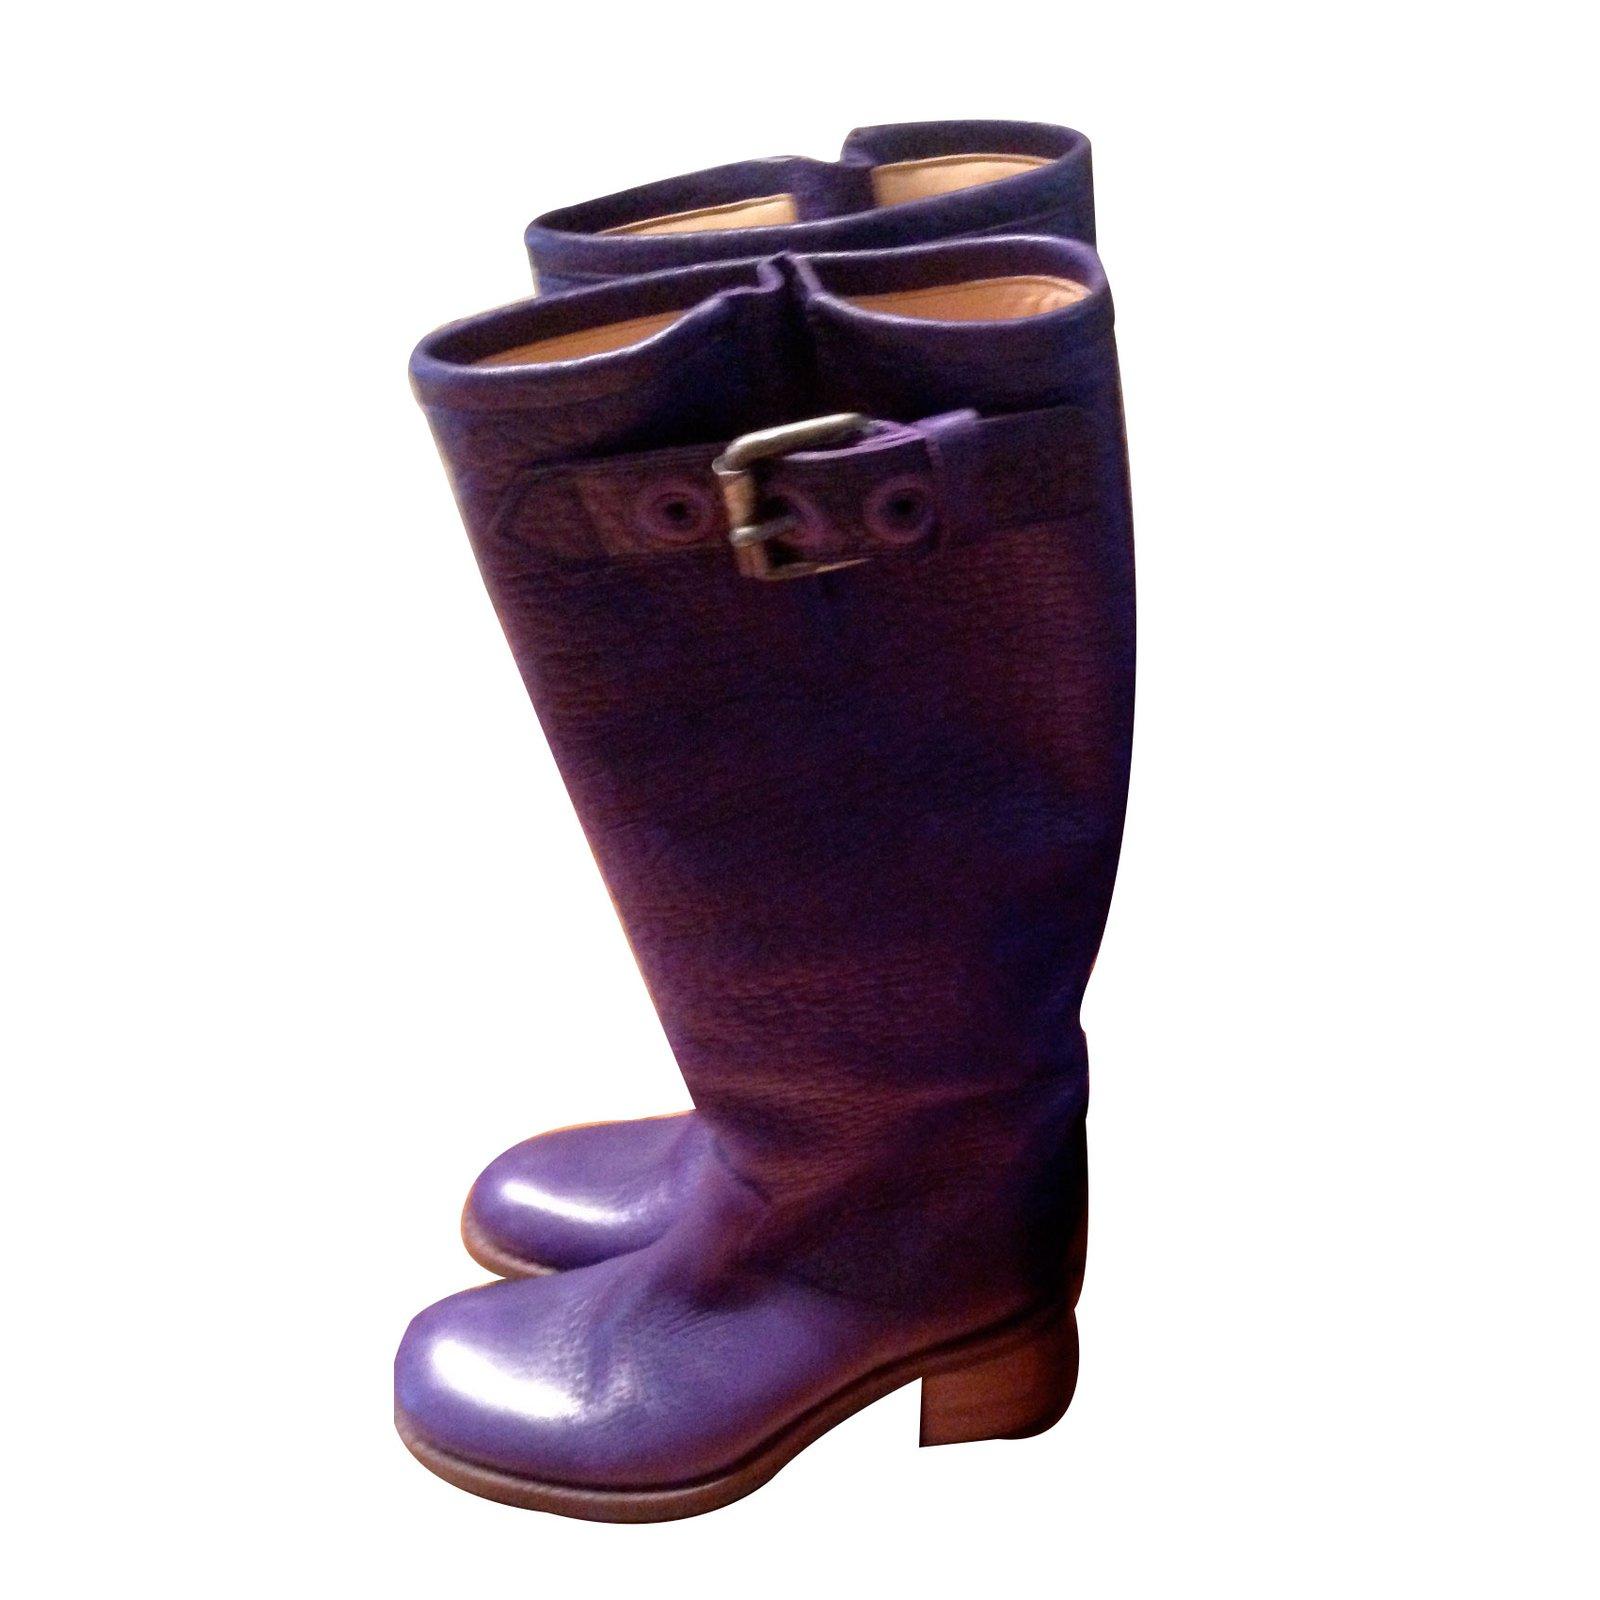 bottes free lance geronimo7 cuir violet joli closet. Black Bedroom Furniture Sets. Home Design Ideas